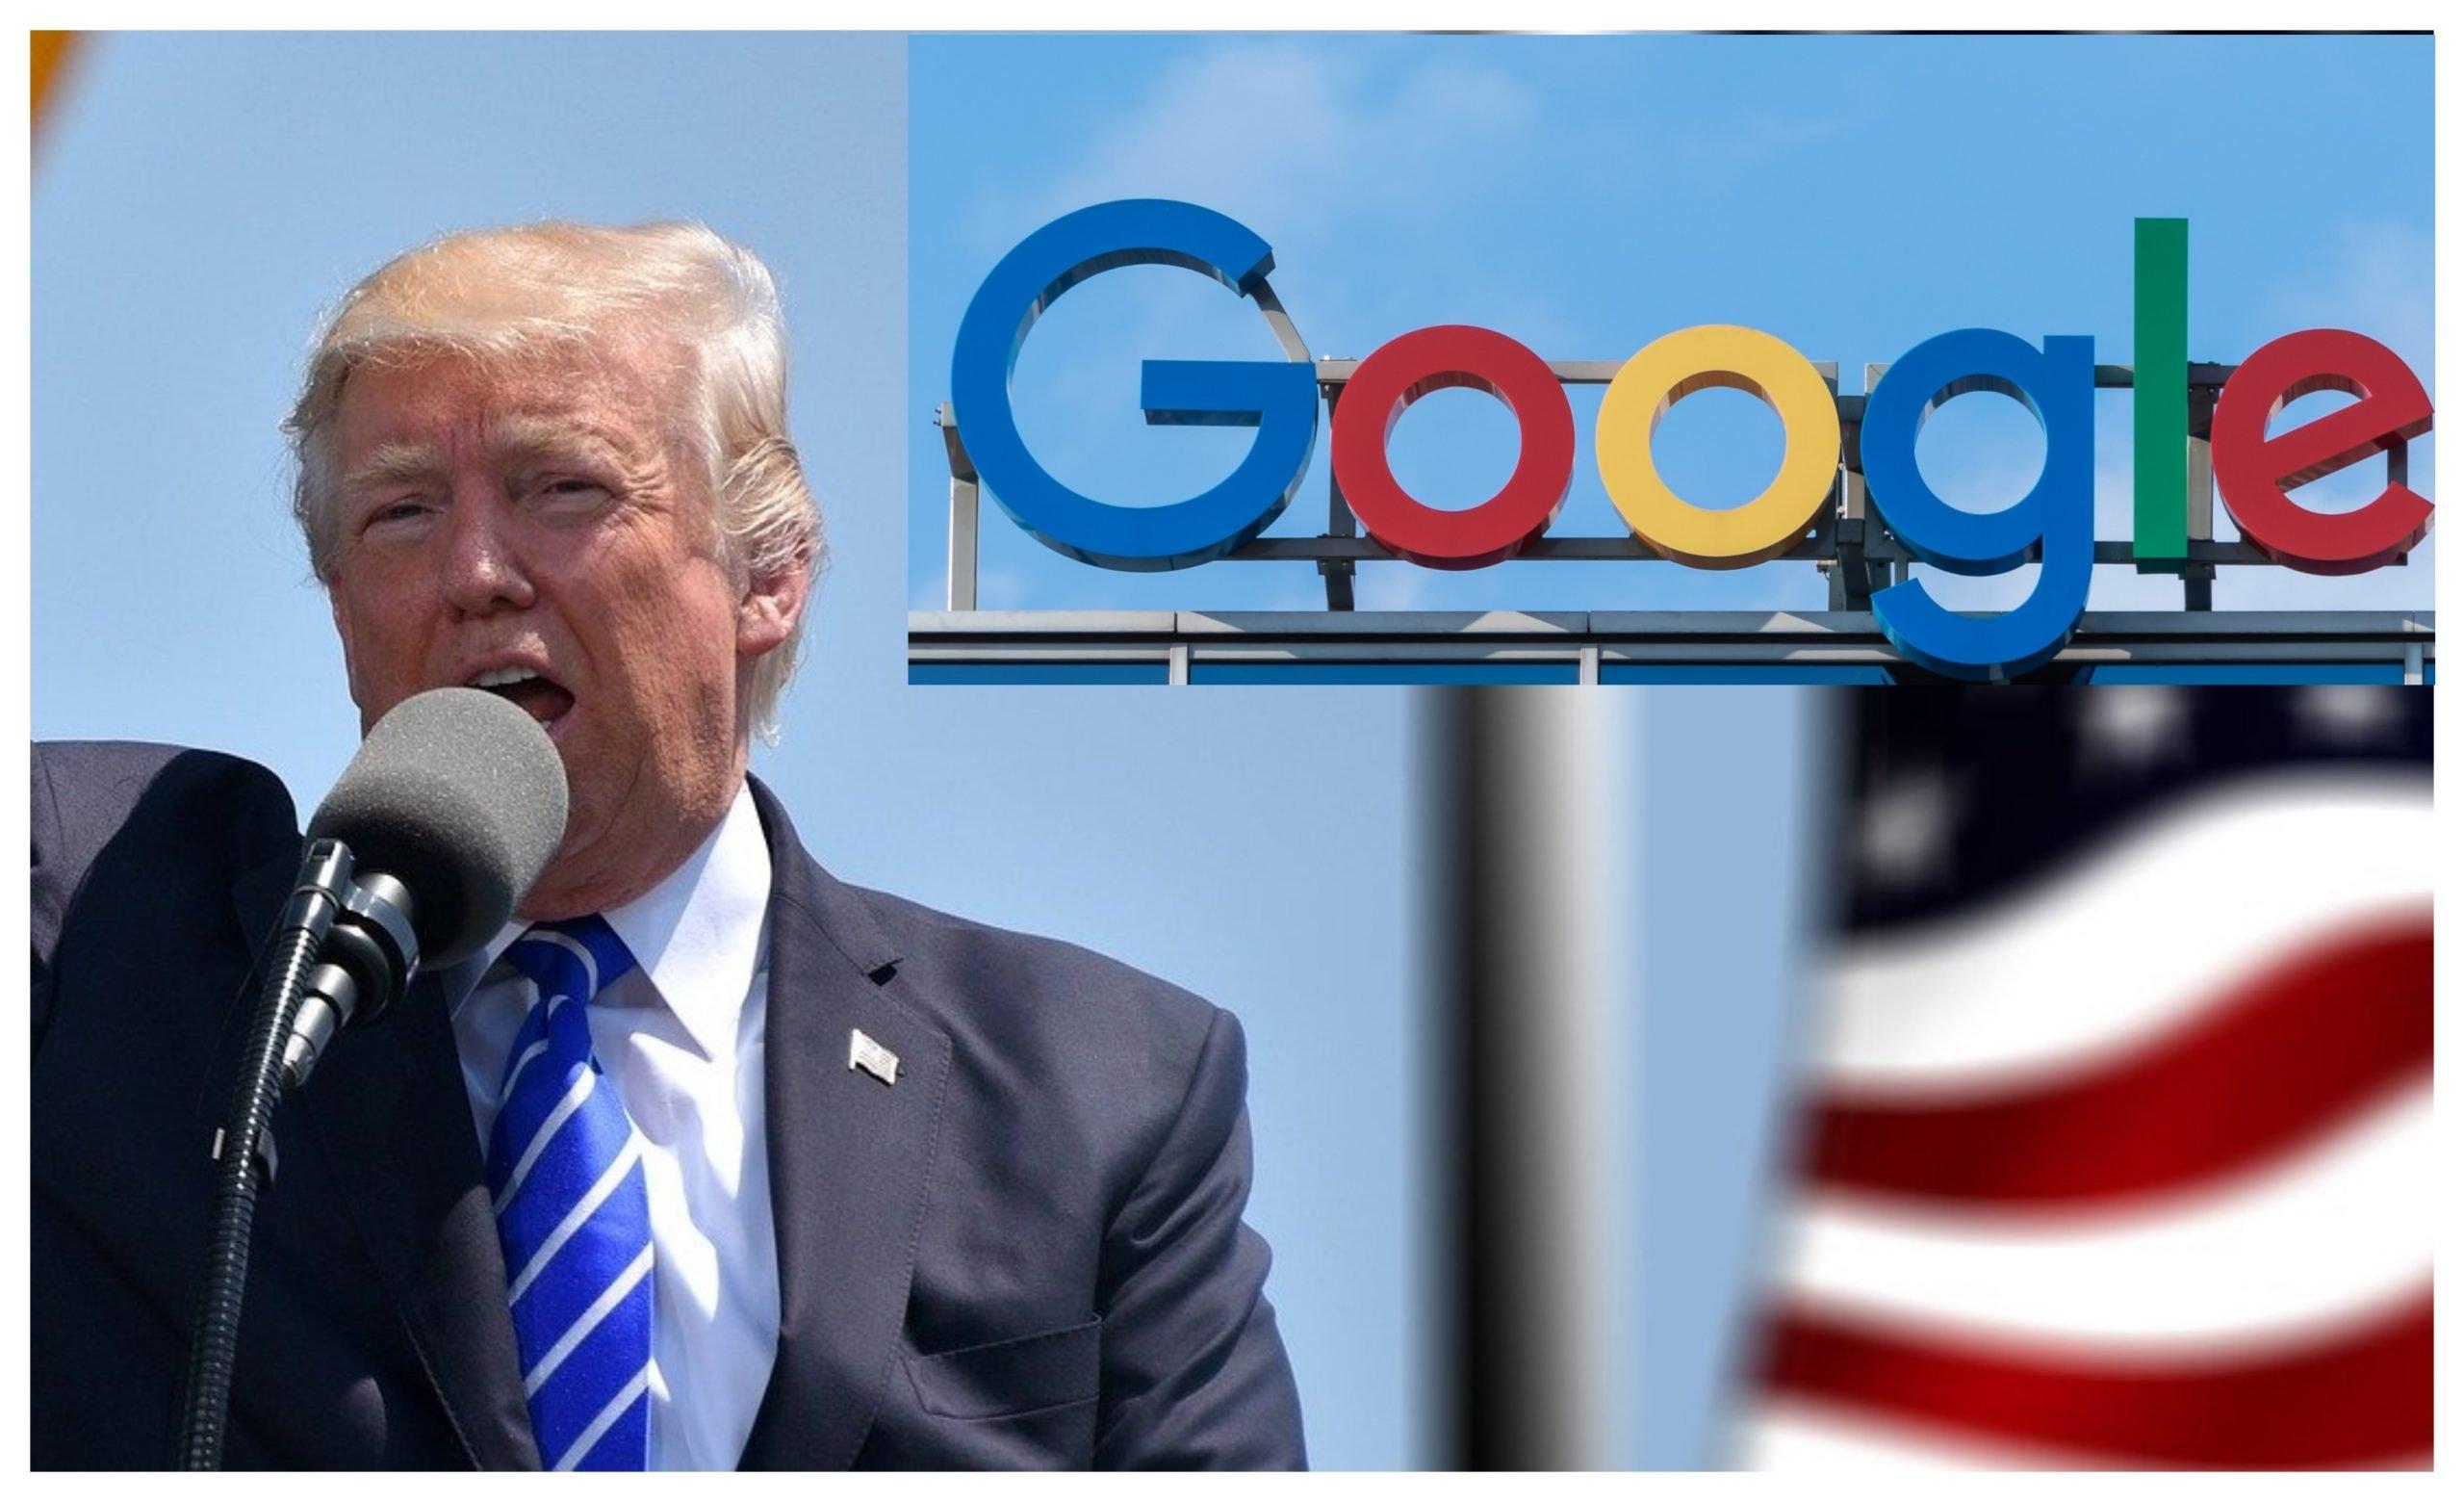 """ABD Başkanı Donald Trump """"Google'a Teşekkür Etti"""""""